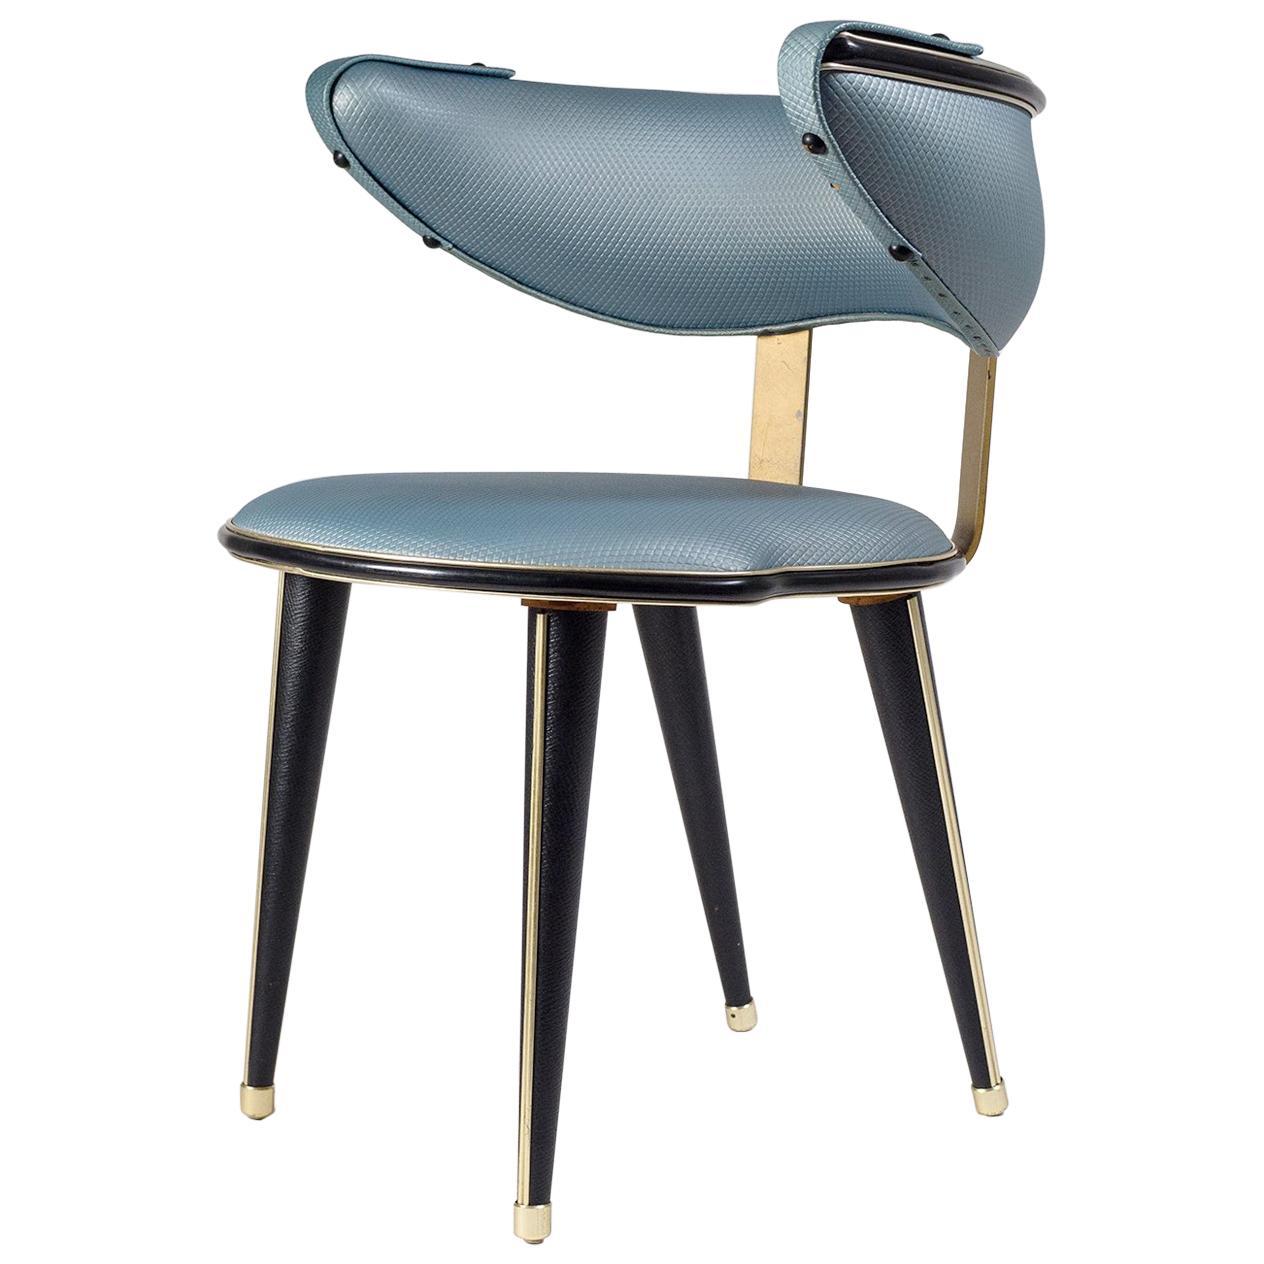 Umberto Mascagni Vanity Chair, circa 1960